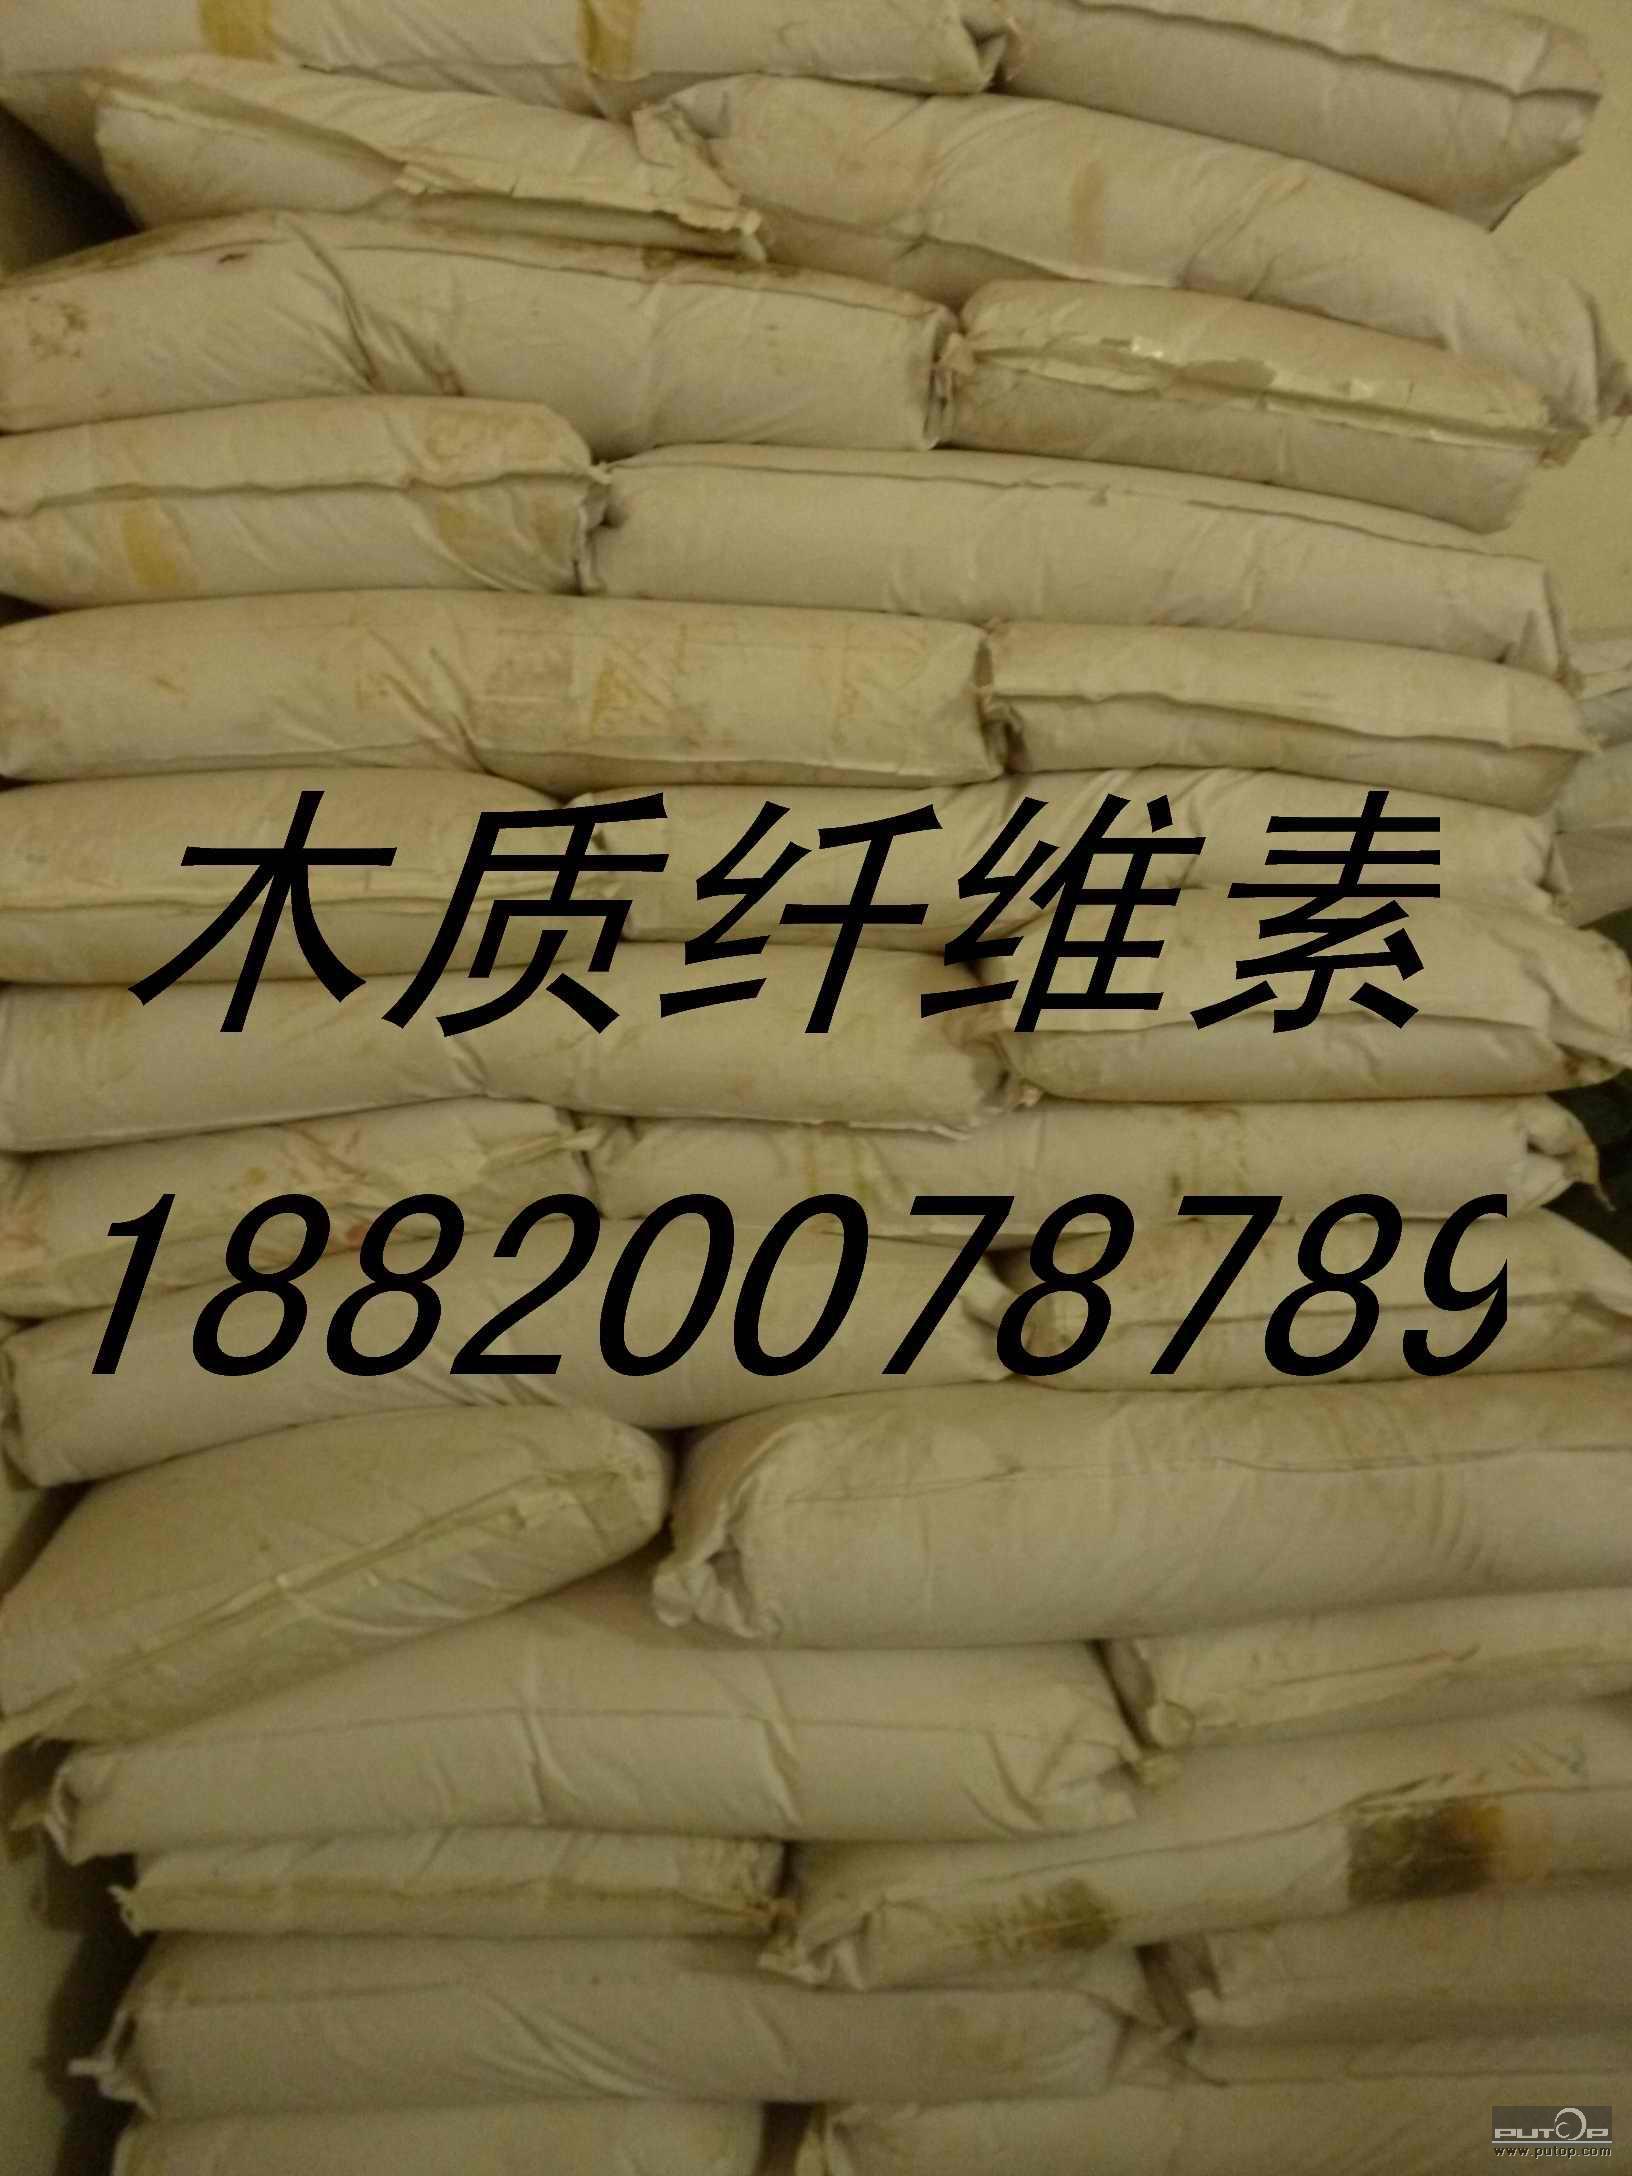 供应木质纤维 免费提供样品-产品信息-广州双普贸易